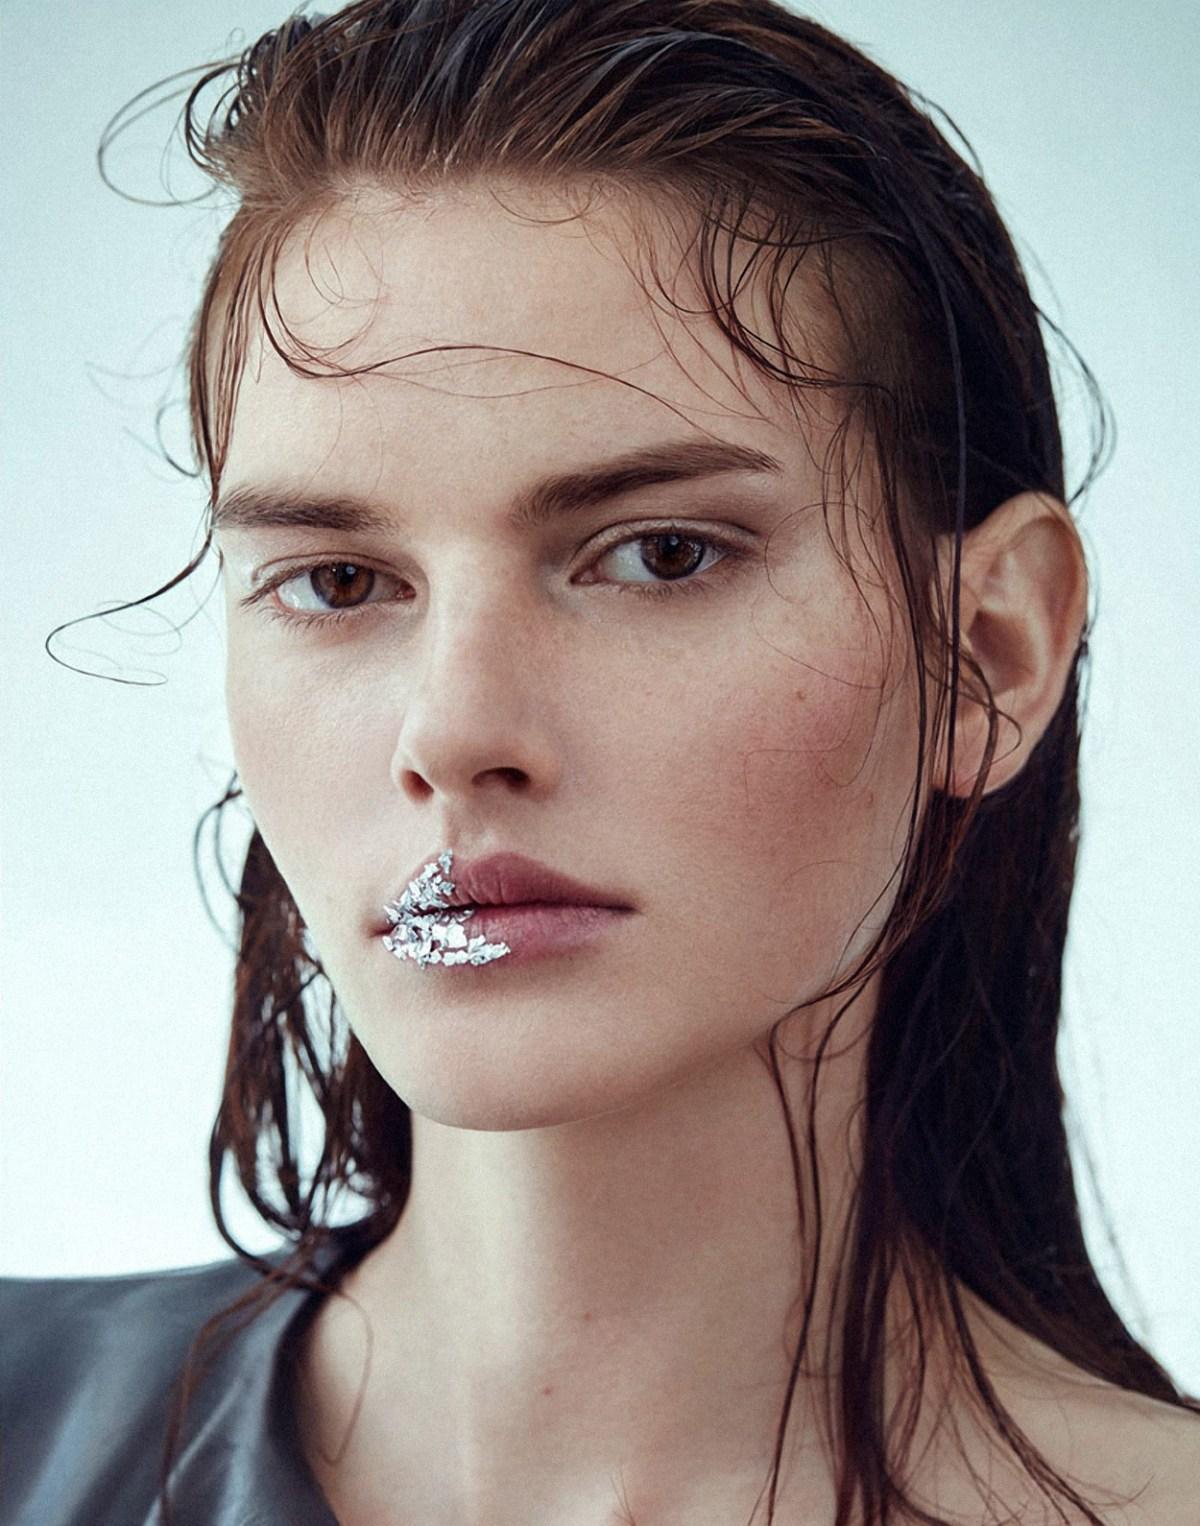 Dorota Kullova by Dirk Messner for Hunger TV